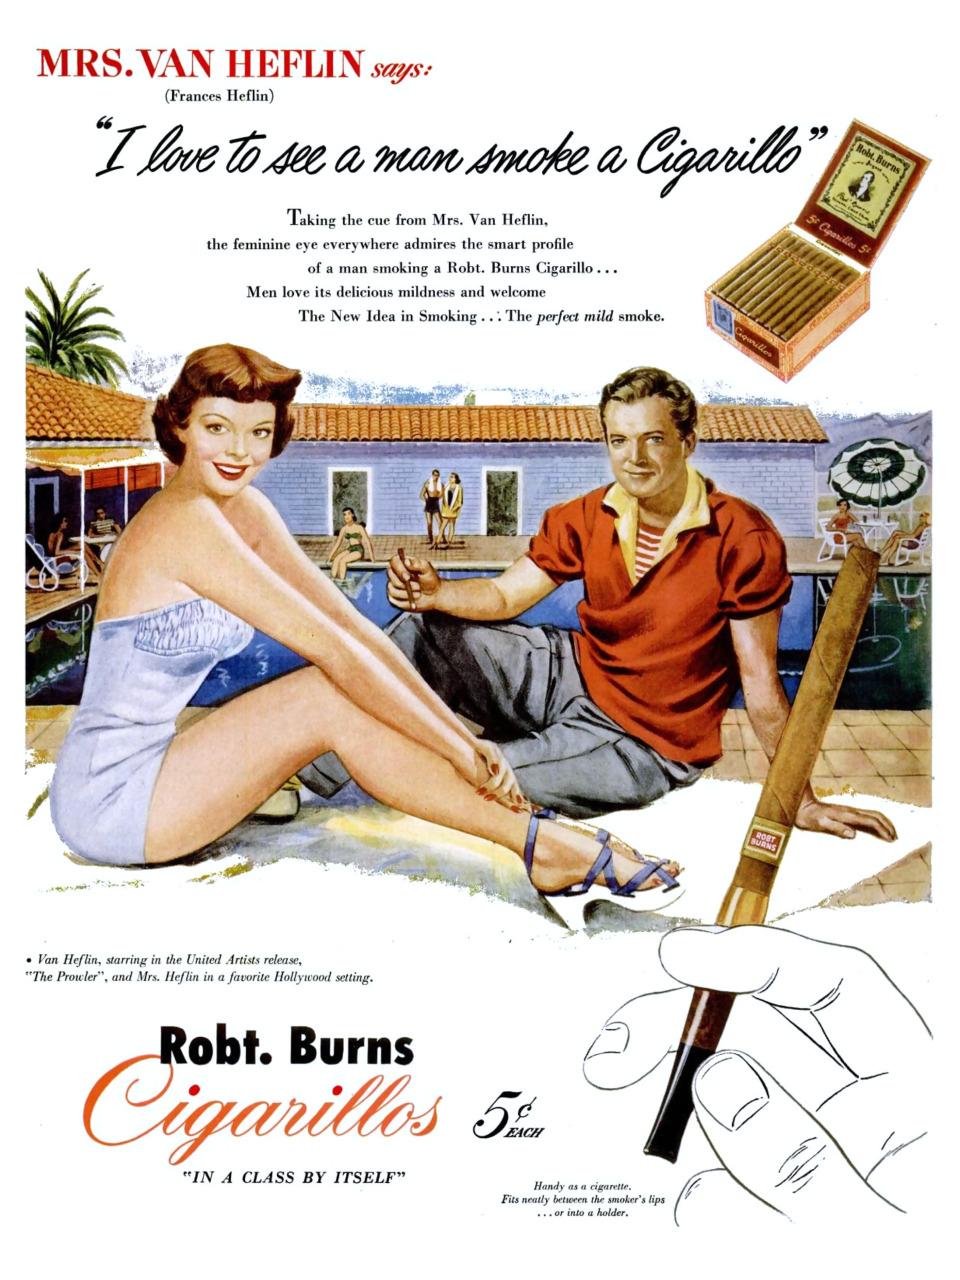 Robt. Burns Cigarillos featuring Mr. and Mrs. Van Heflin - 1951